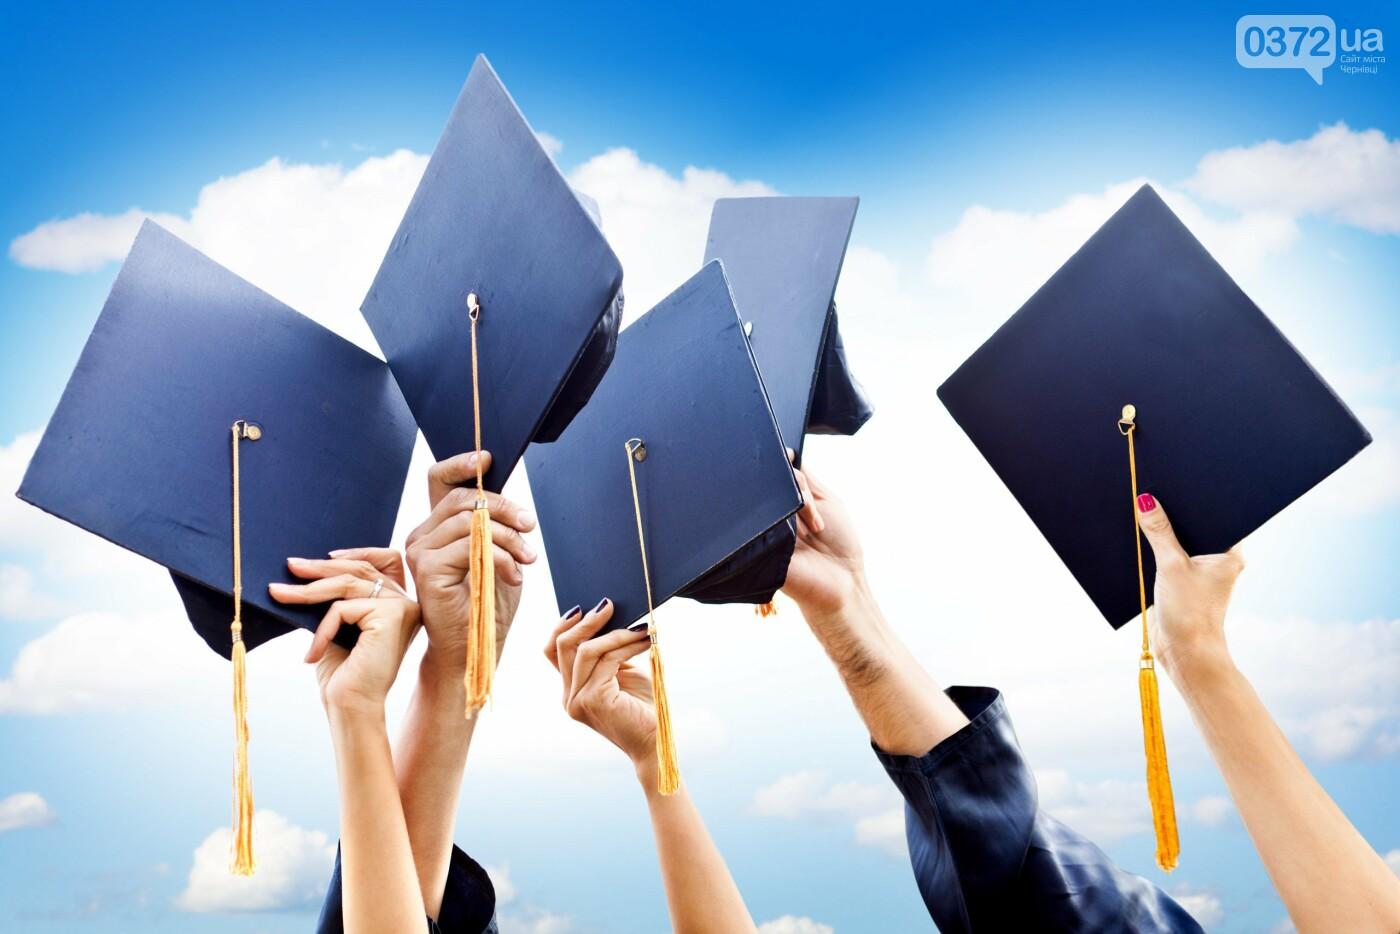 Безкоштовна вища європейська освіта у Словаччині , фото-1